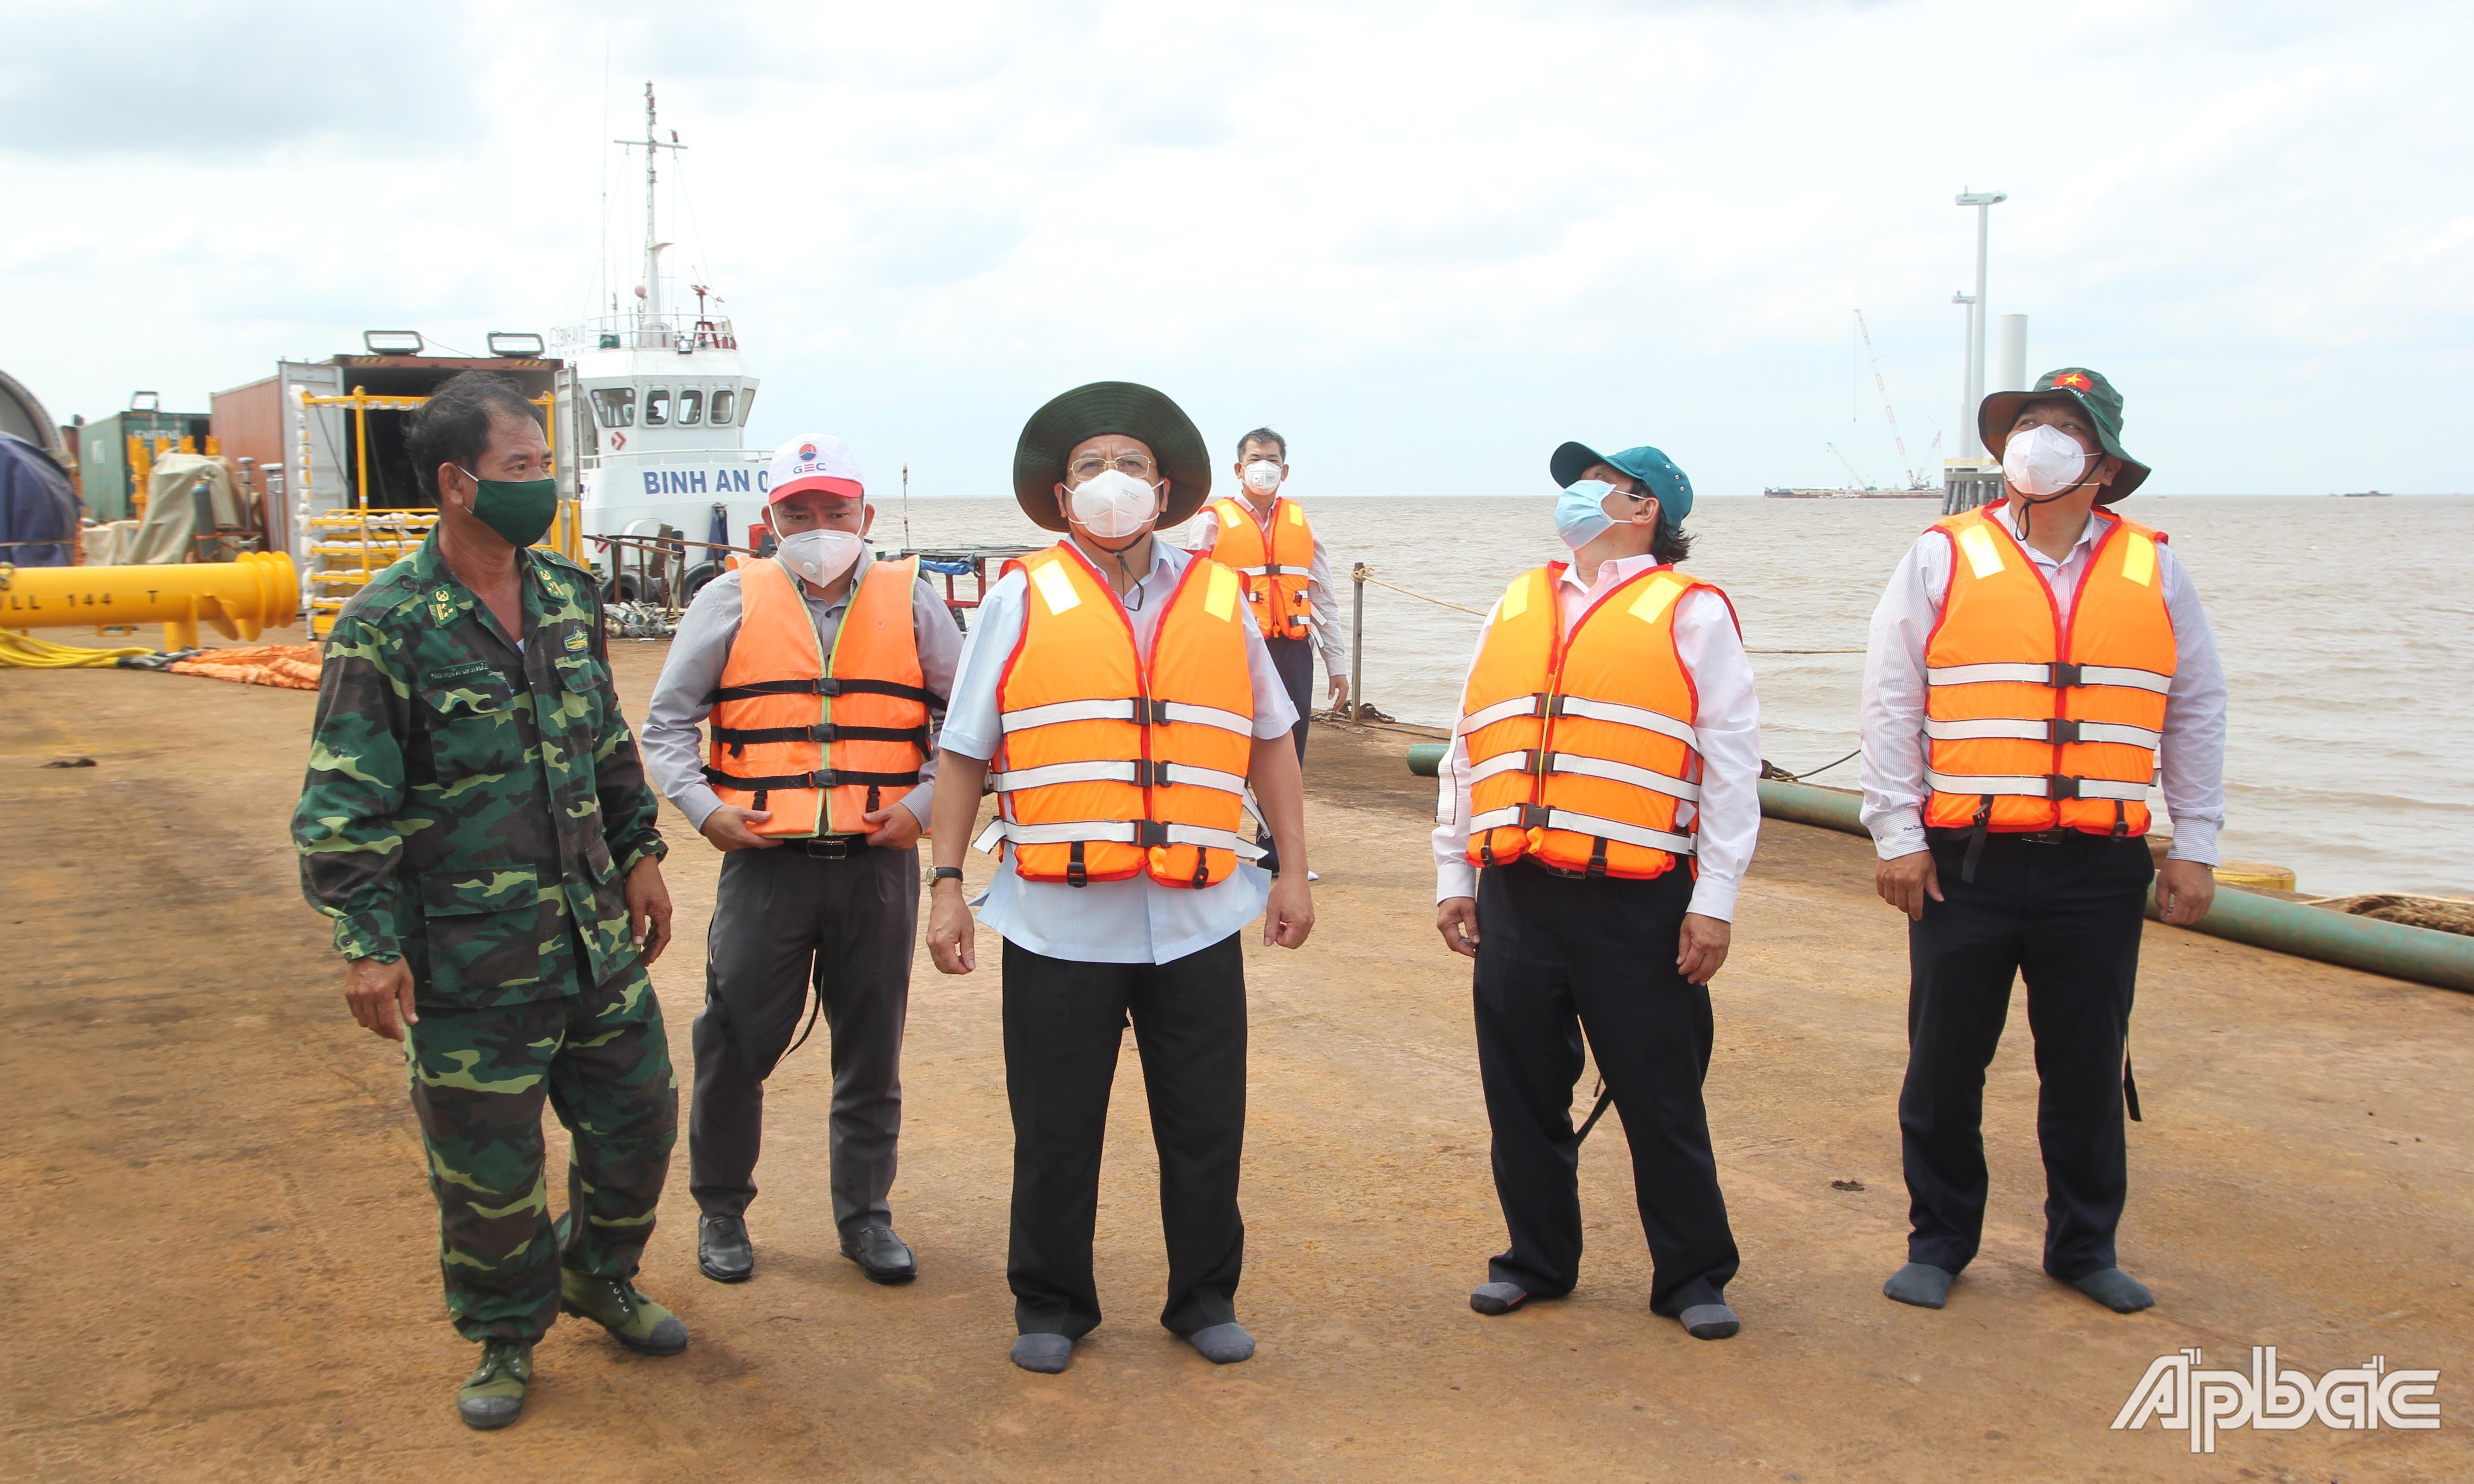 Đoàn công tác số 4 của Trung tâm Chỉ huy phòng, chống dịch Covid-19 tỉnh Tiền Giang kiểm tra Dự án Điện gió Tân Phú Đông 2.